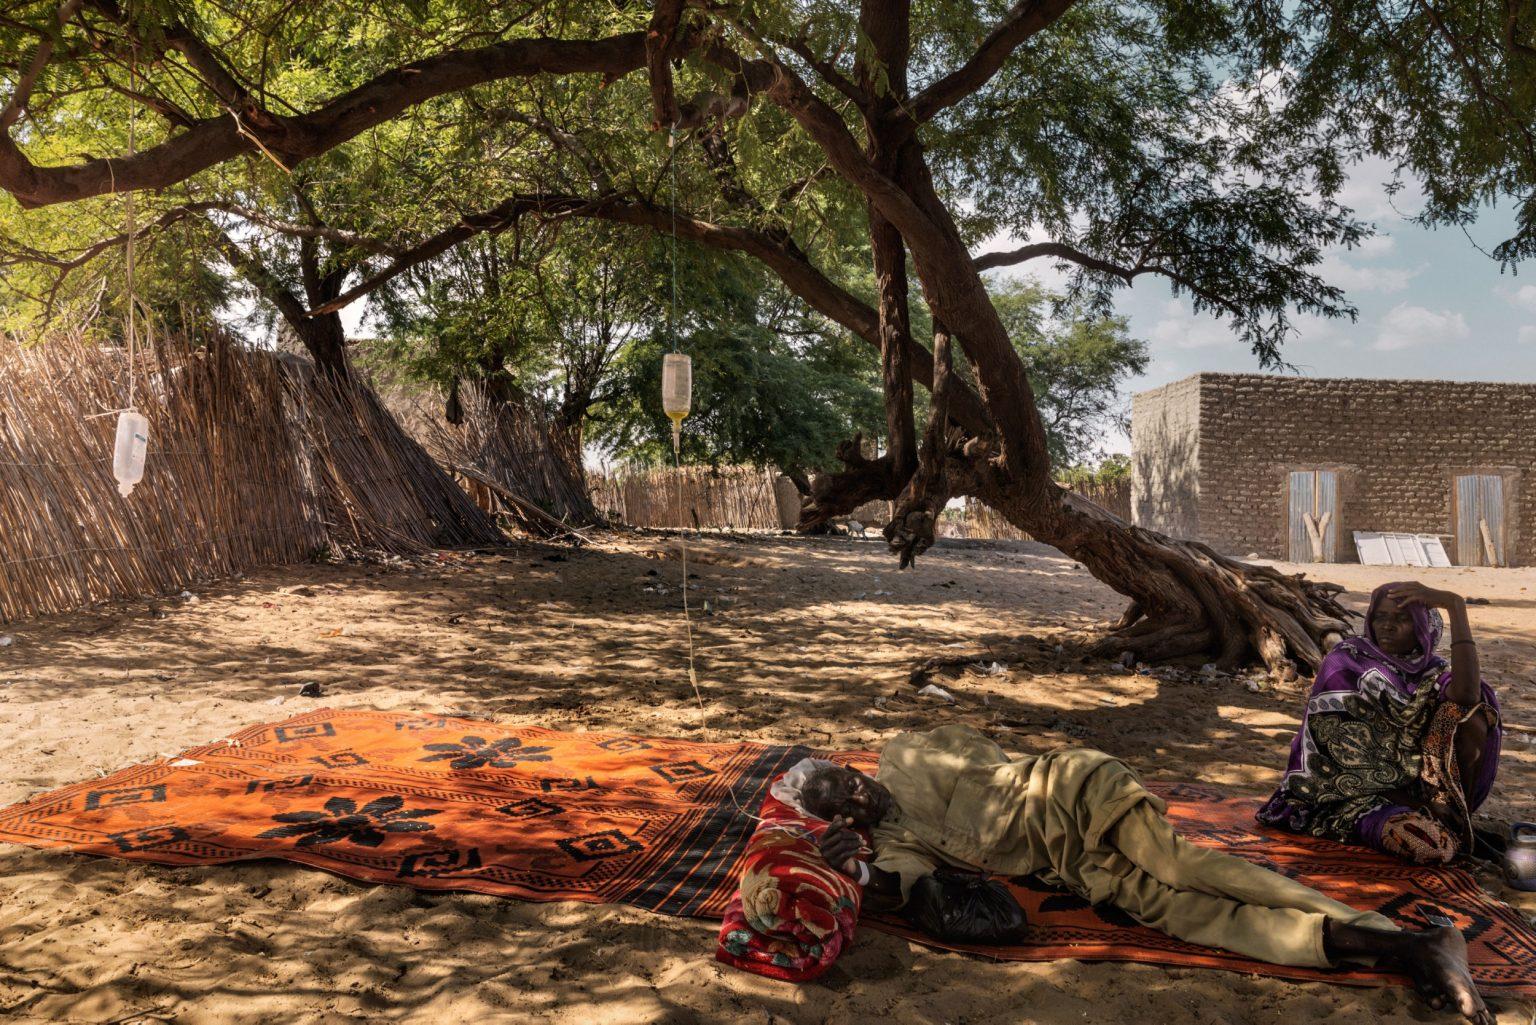 Africa, Chad, October 2018 - In the village of Melea, 25 Km from Bol, there?s a makeshift health centre in extreme conditions. >< Africa, Ciad, Ottobre 2018 - Nel villaggio di Melea, a 25 Km da Bol, vi è una clinica improvvisata in condizioni estreme.*** SPECIAL   FEE   APPLIES *** *** Local Caption *** 01362893